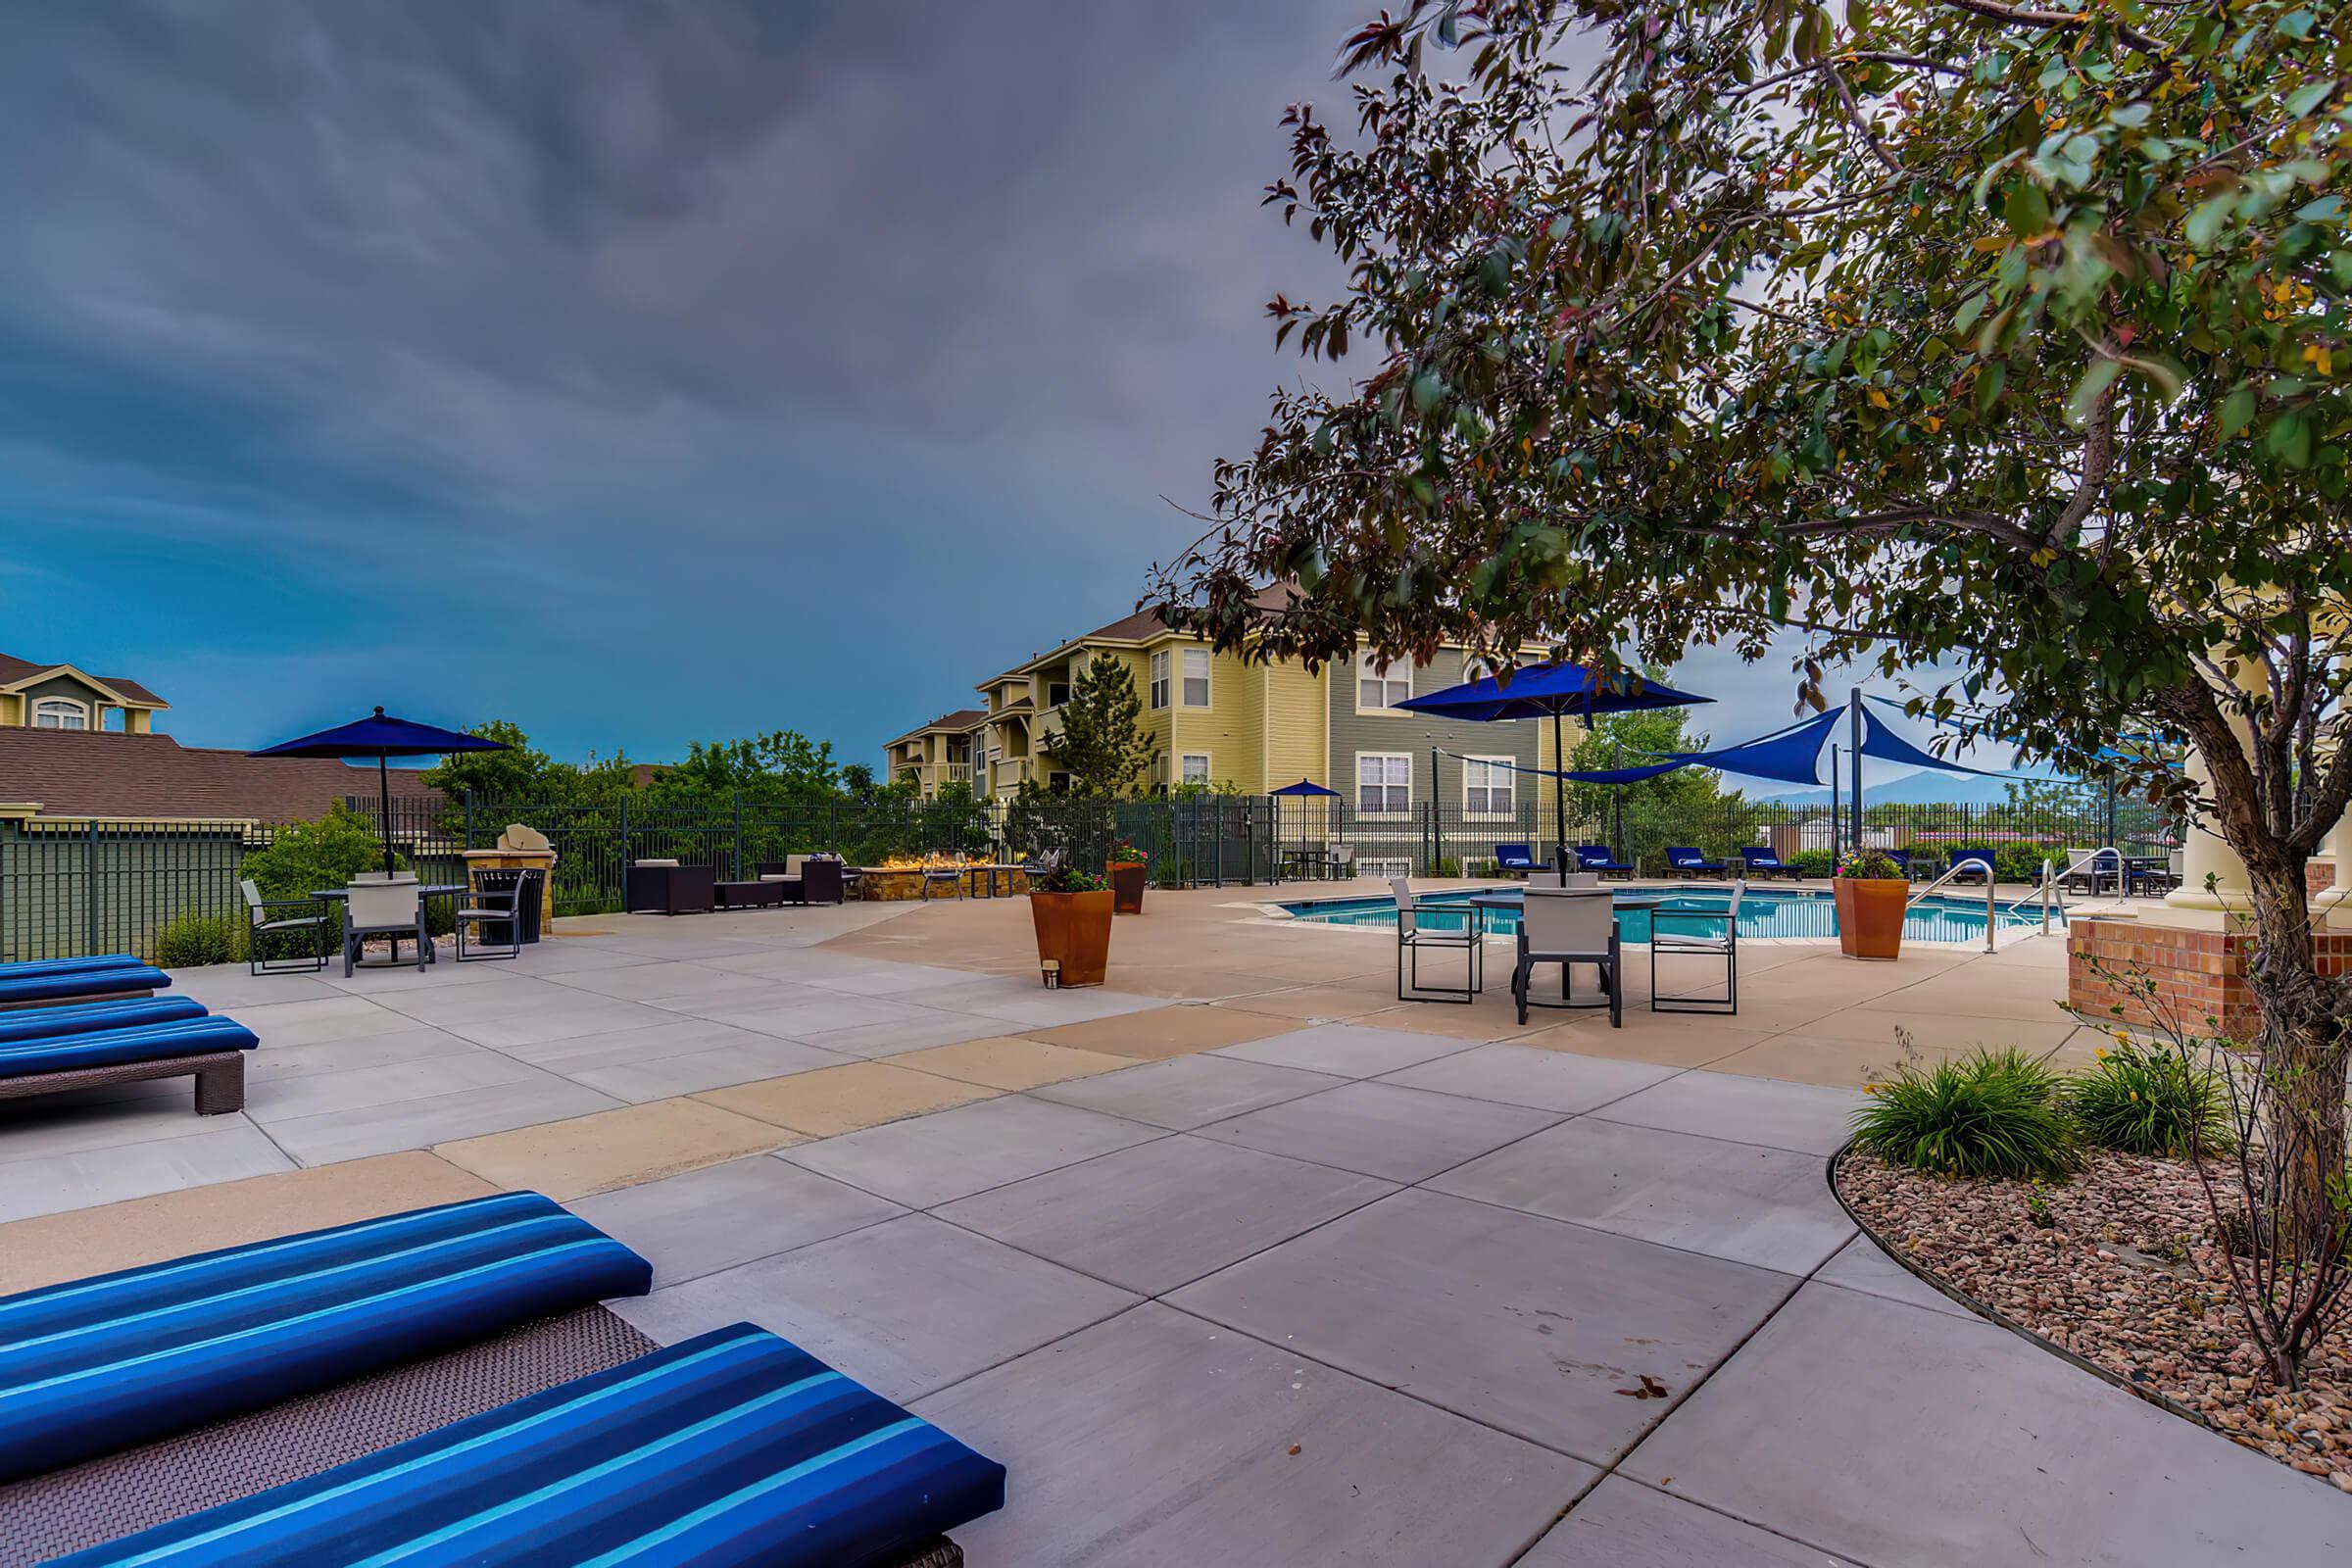 13631 Shepard Hts Colorado Springs CO - Web Quality - 035 - 41 Pool.jpg